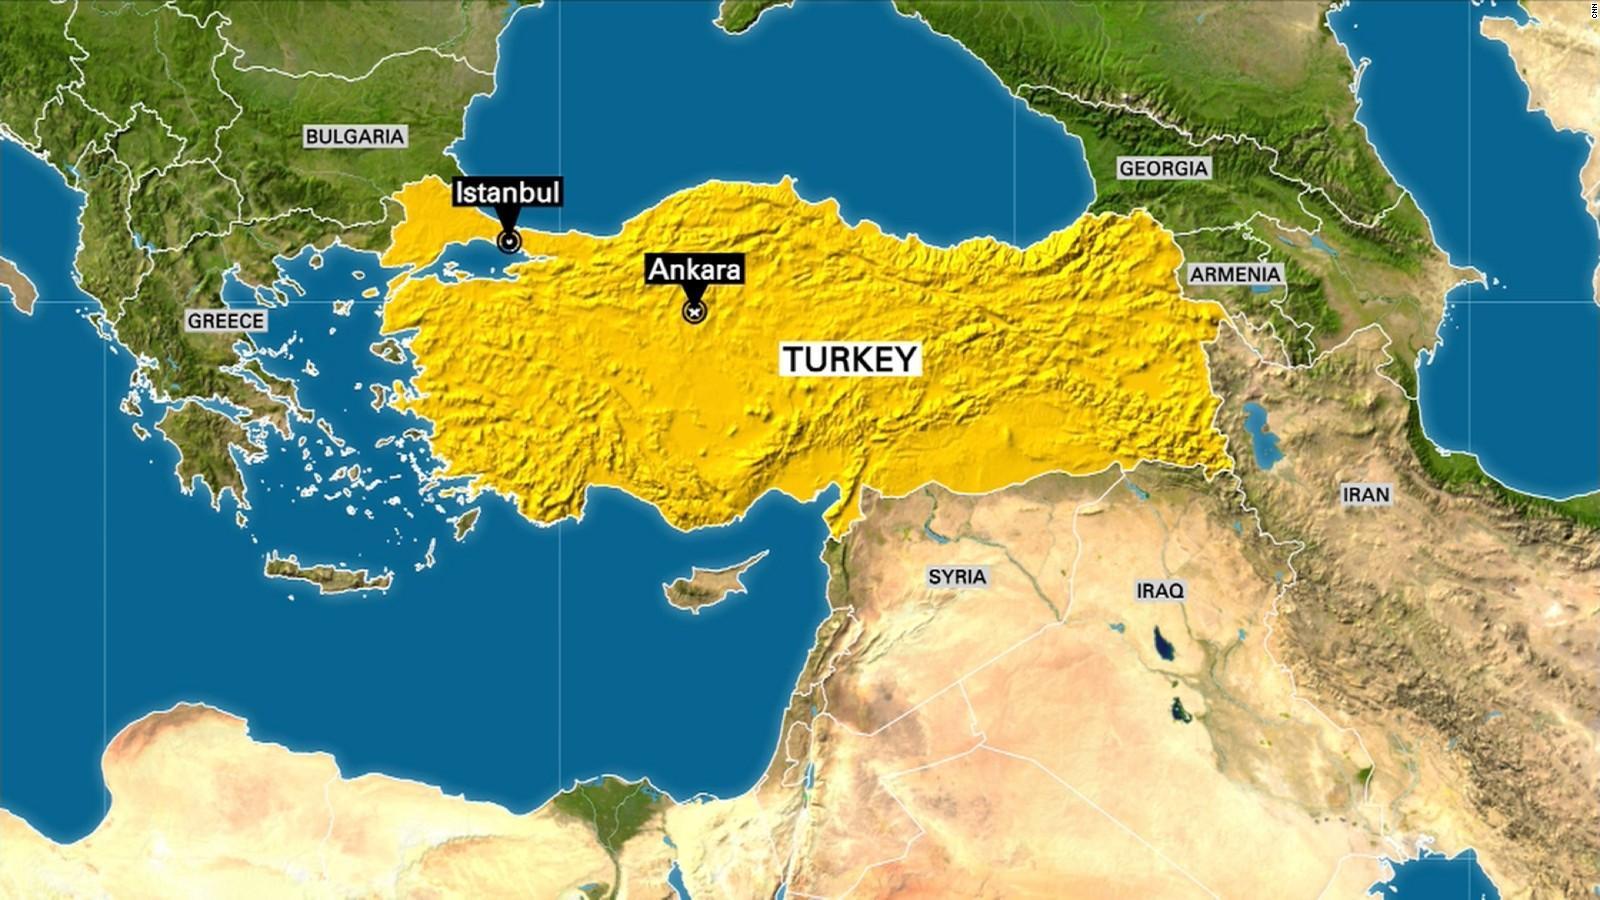 Turkki Kartta Kuvia Kartta Turkin Kuvia Lansi Aasia Aasia